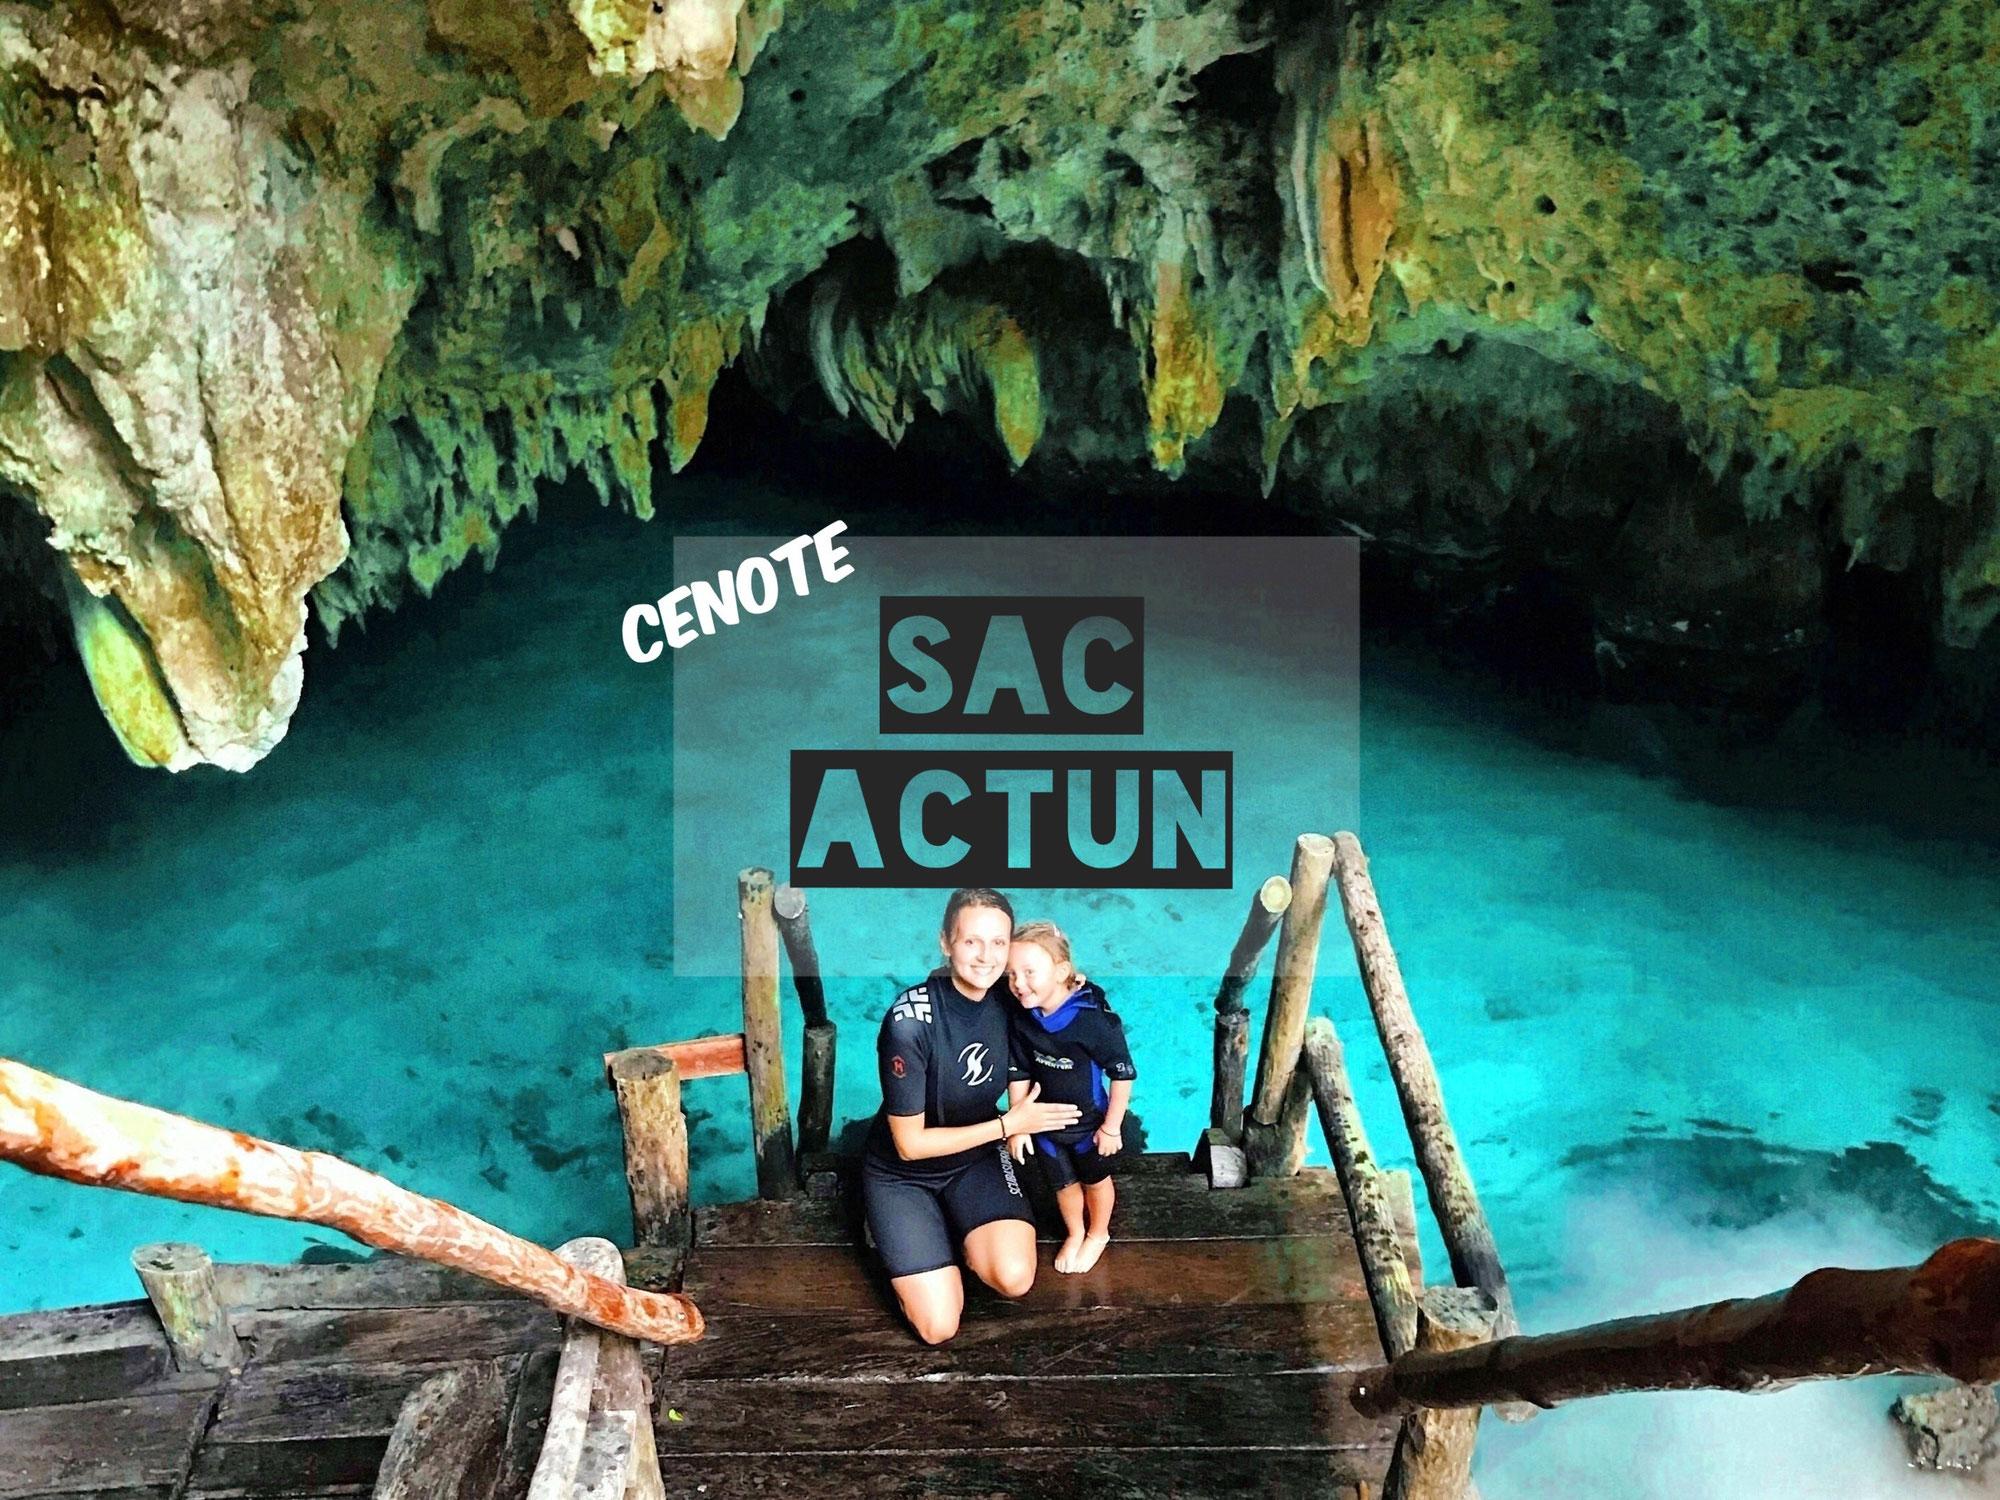 Sac Actun - schwimmend durch die Tropfsteinhöhle